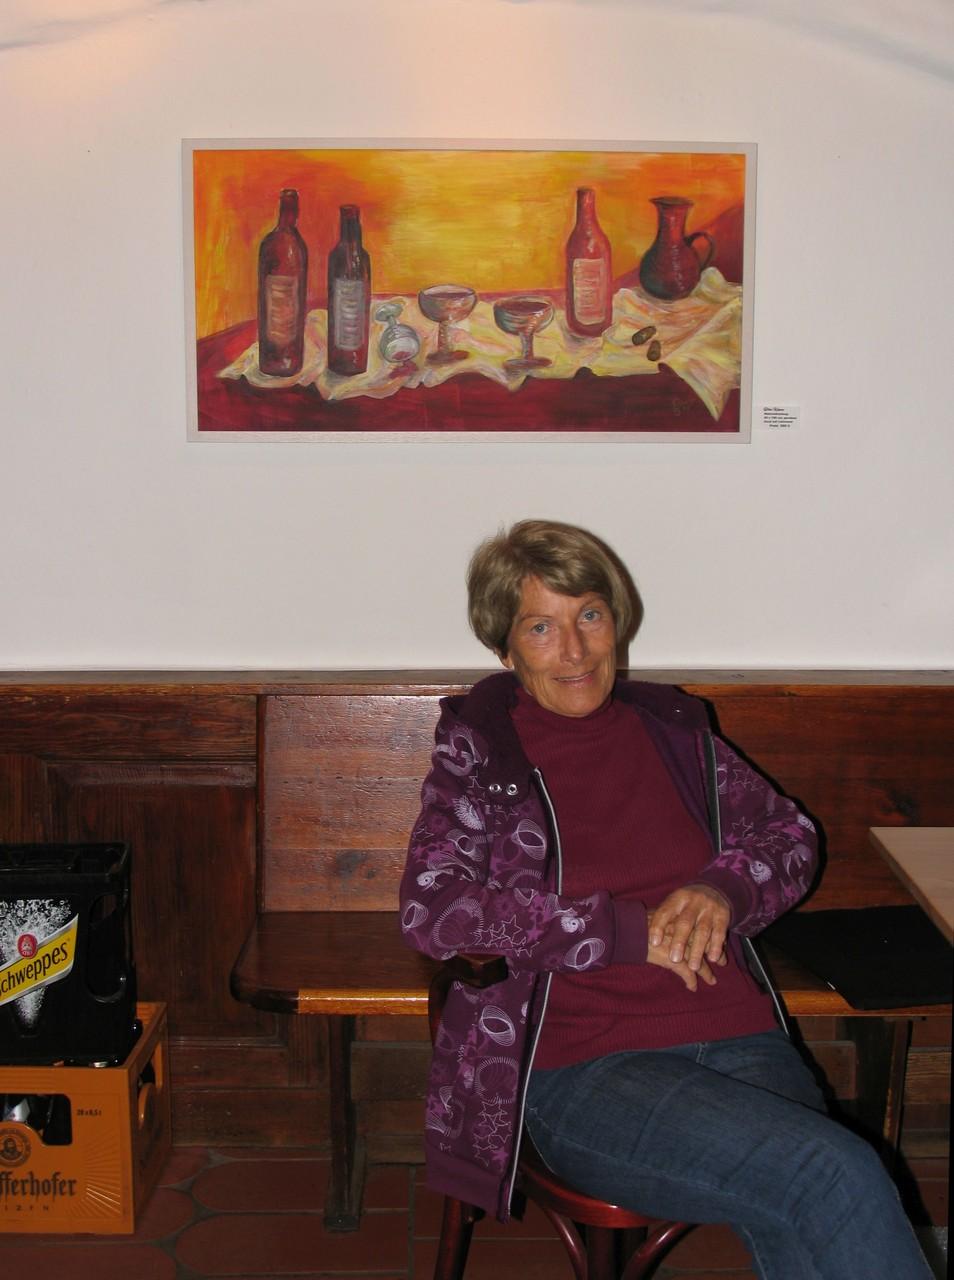 Die Künstlerin von Weingelage